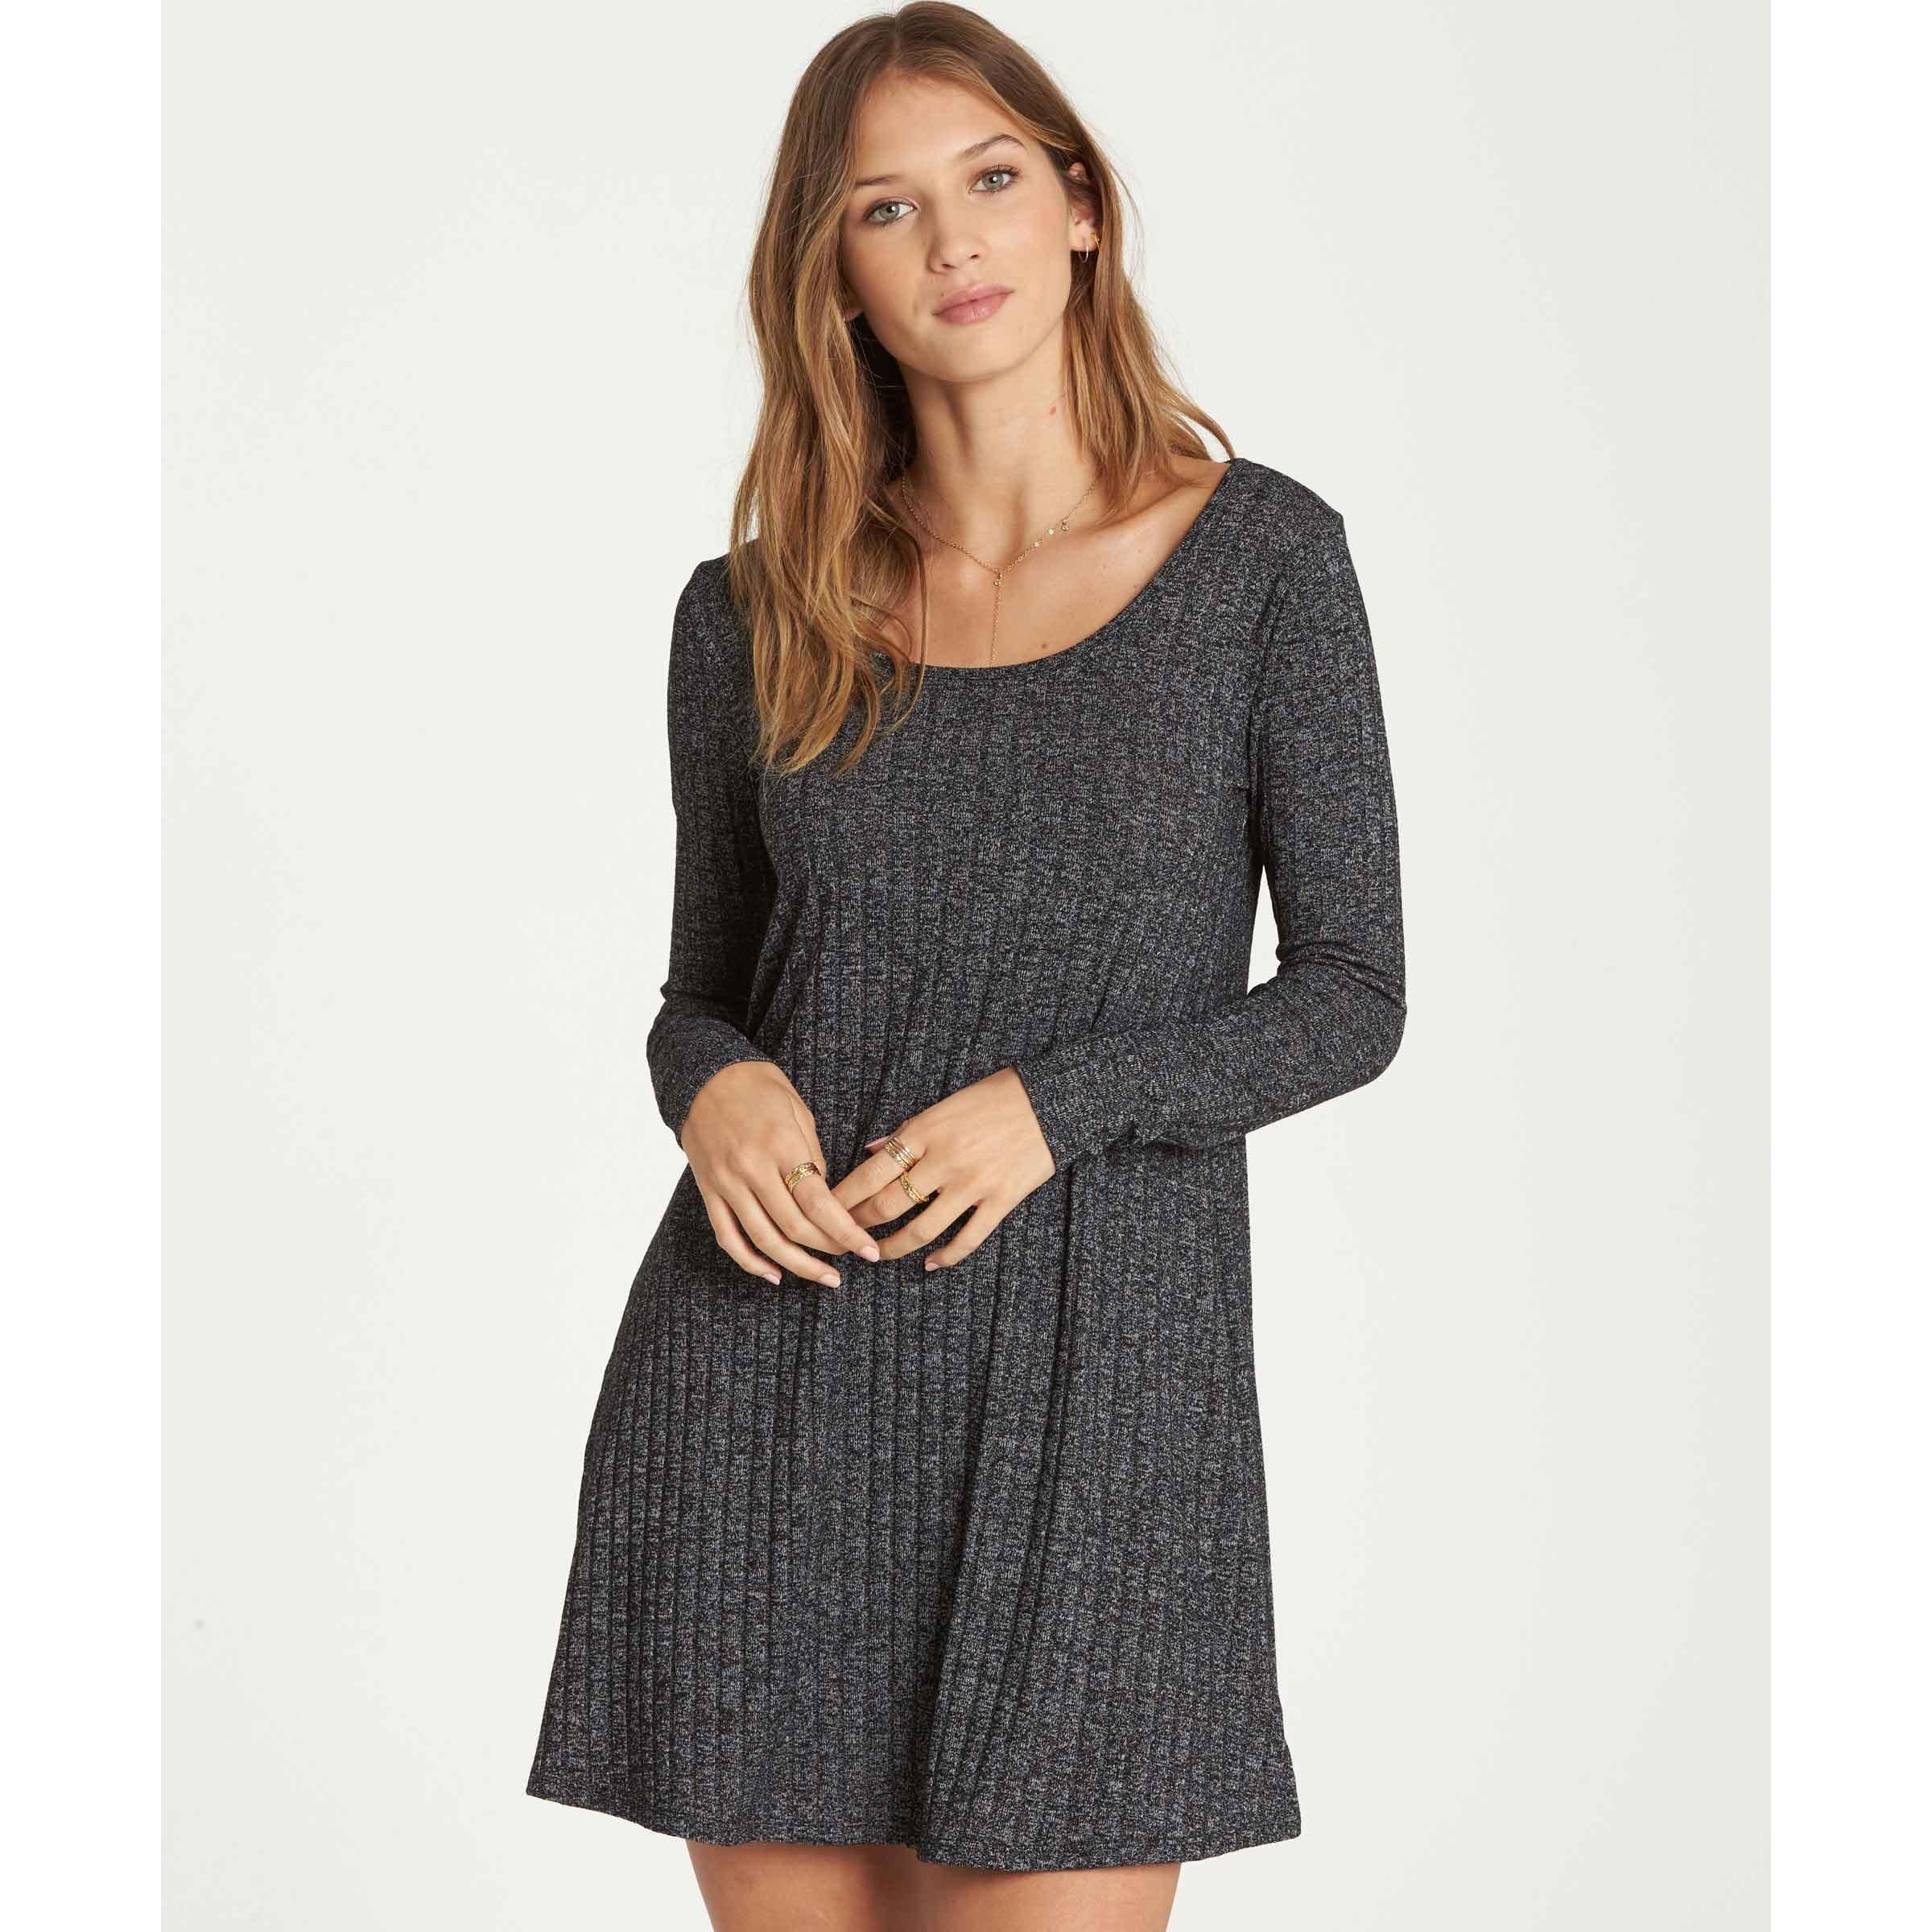 Billabong Women's Heart Dress, Charcoal, S